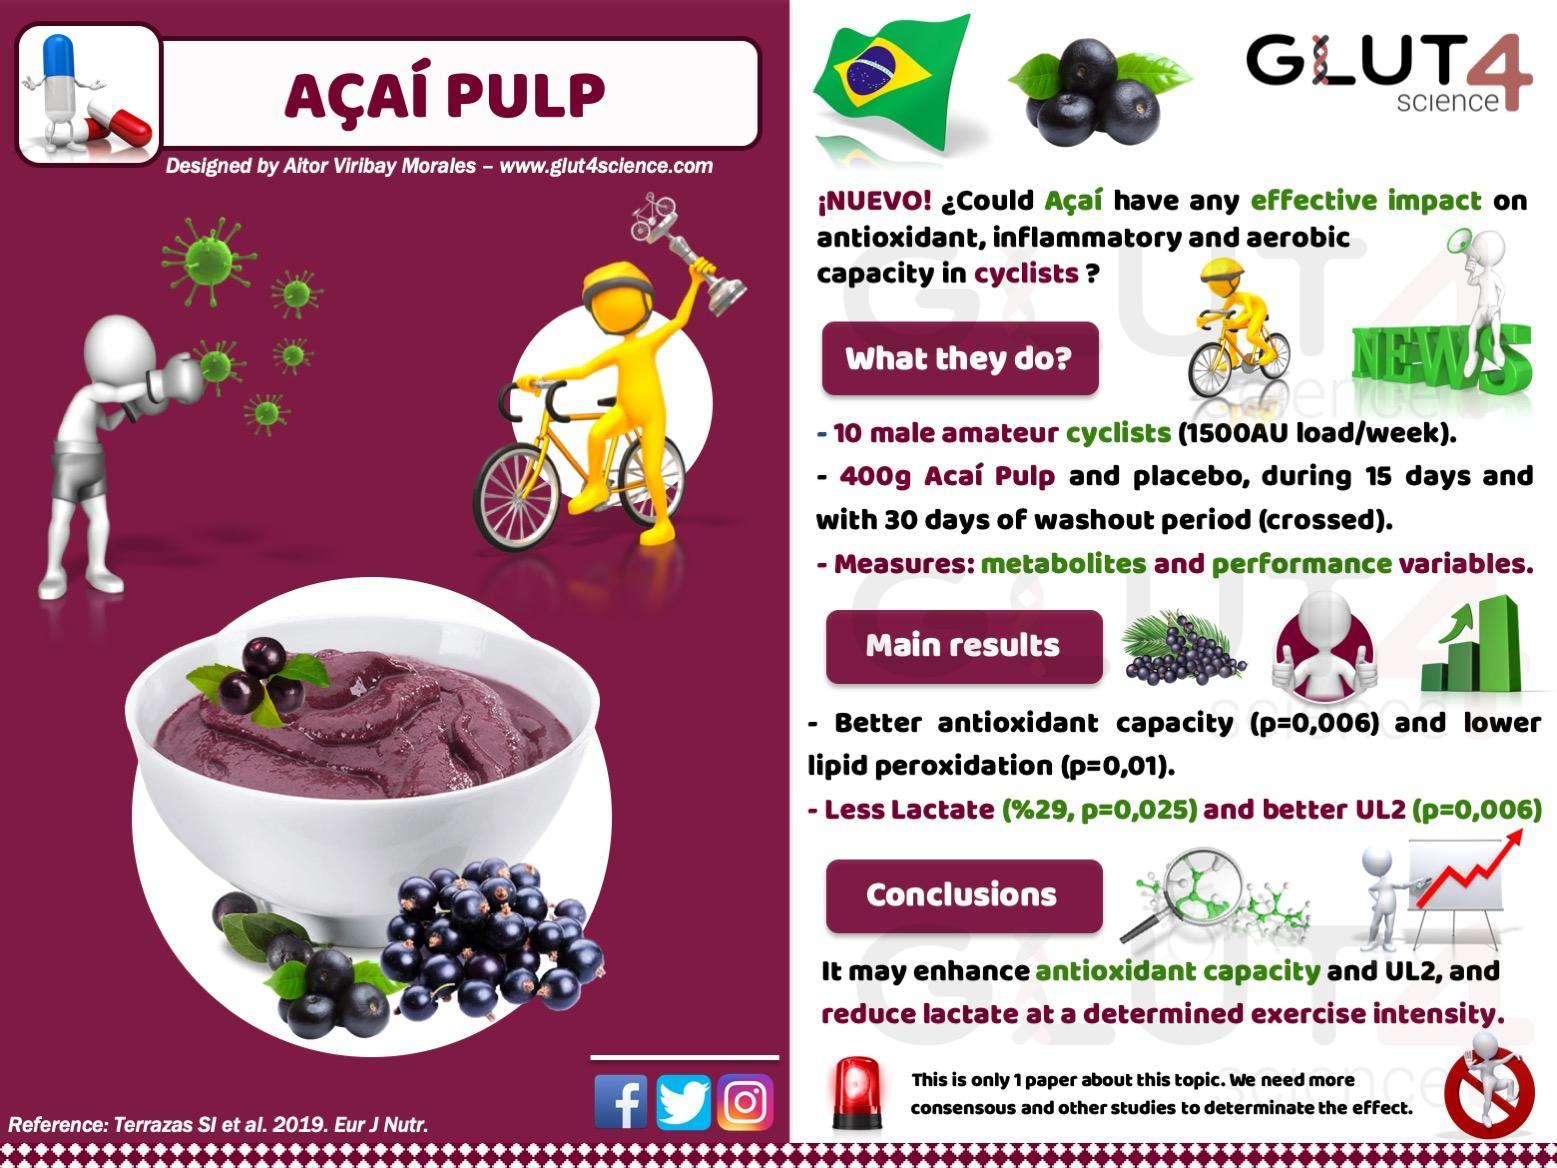 Açaí Pulp and sport performance